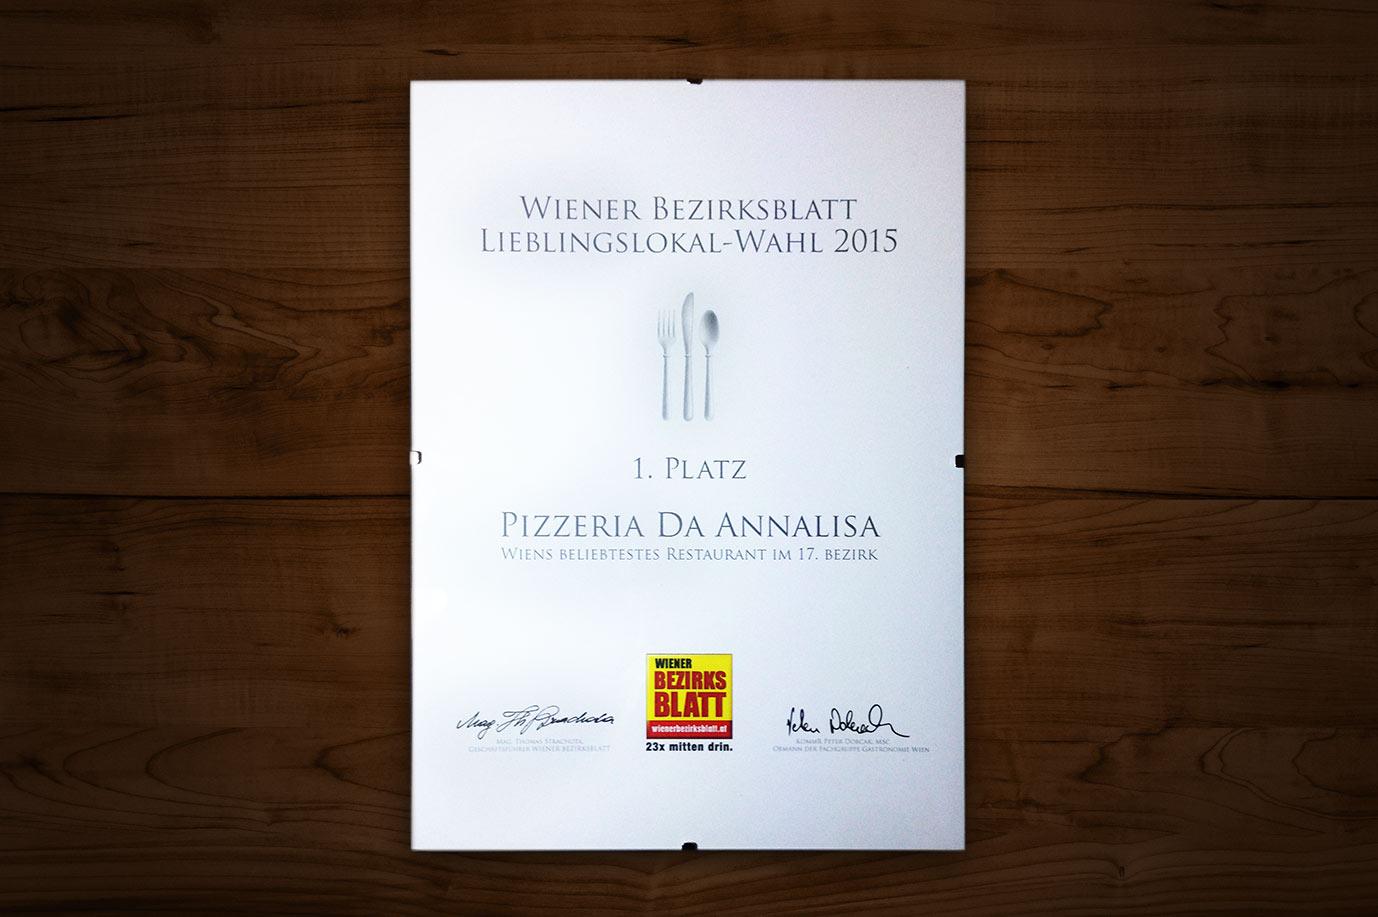 1. Platz für Pizzeria Da Annalisa